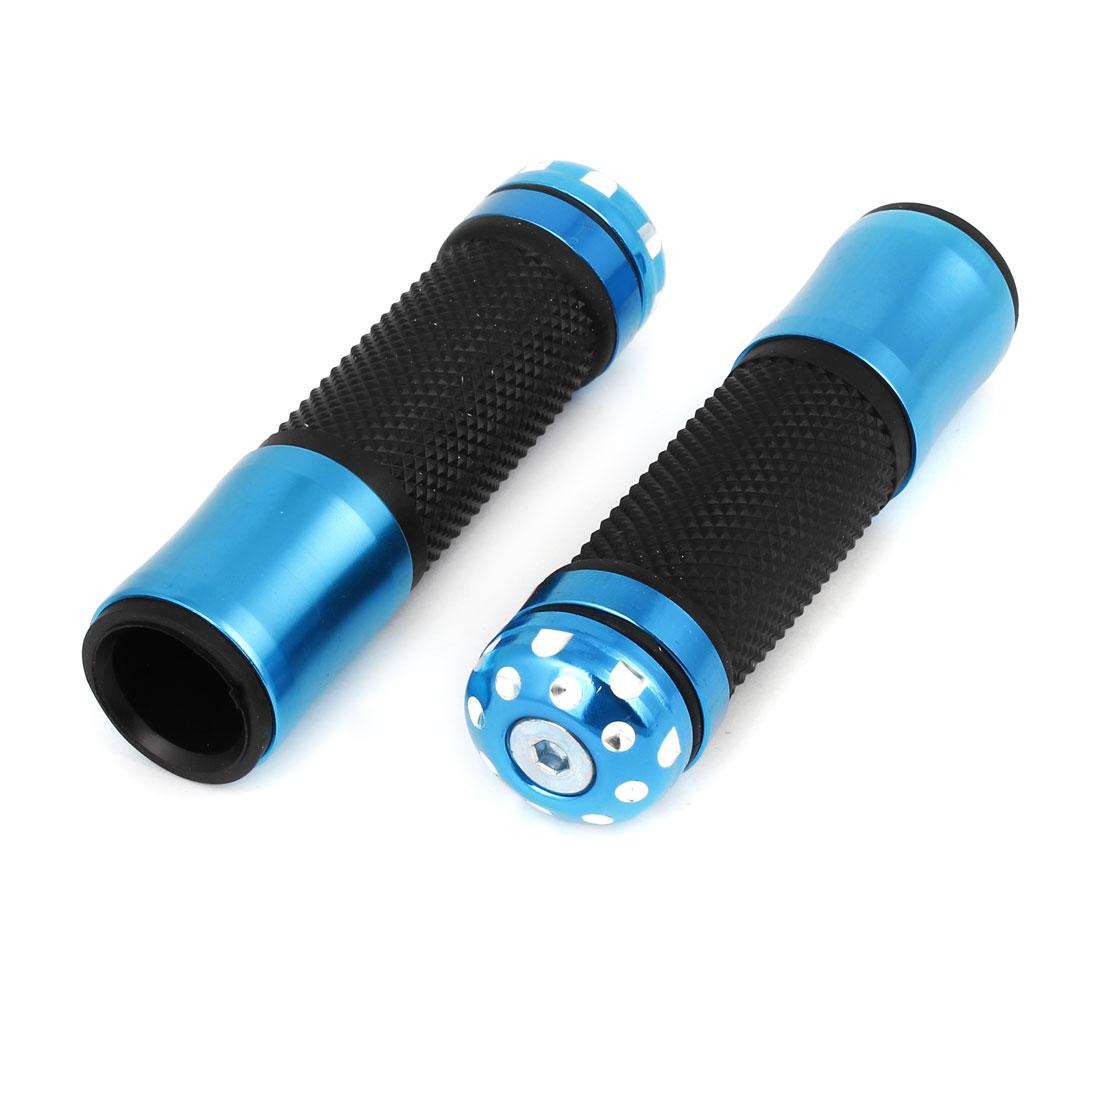 Pair Black Blue Rubber Metal Antislip Design Handlebar Handgrip Cover Guard for Motobike